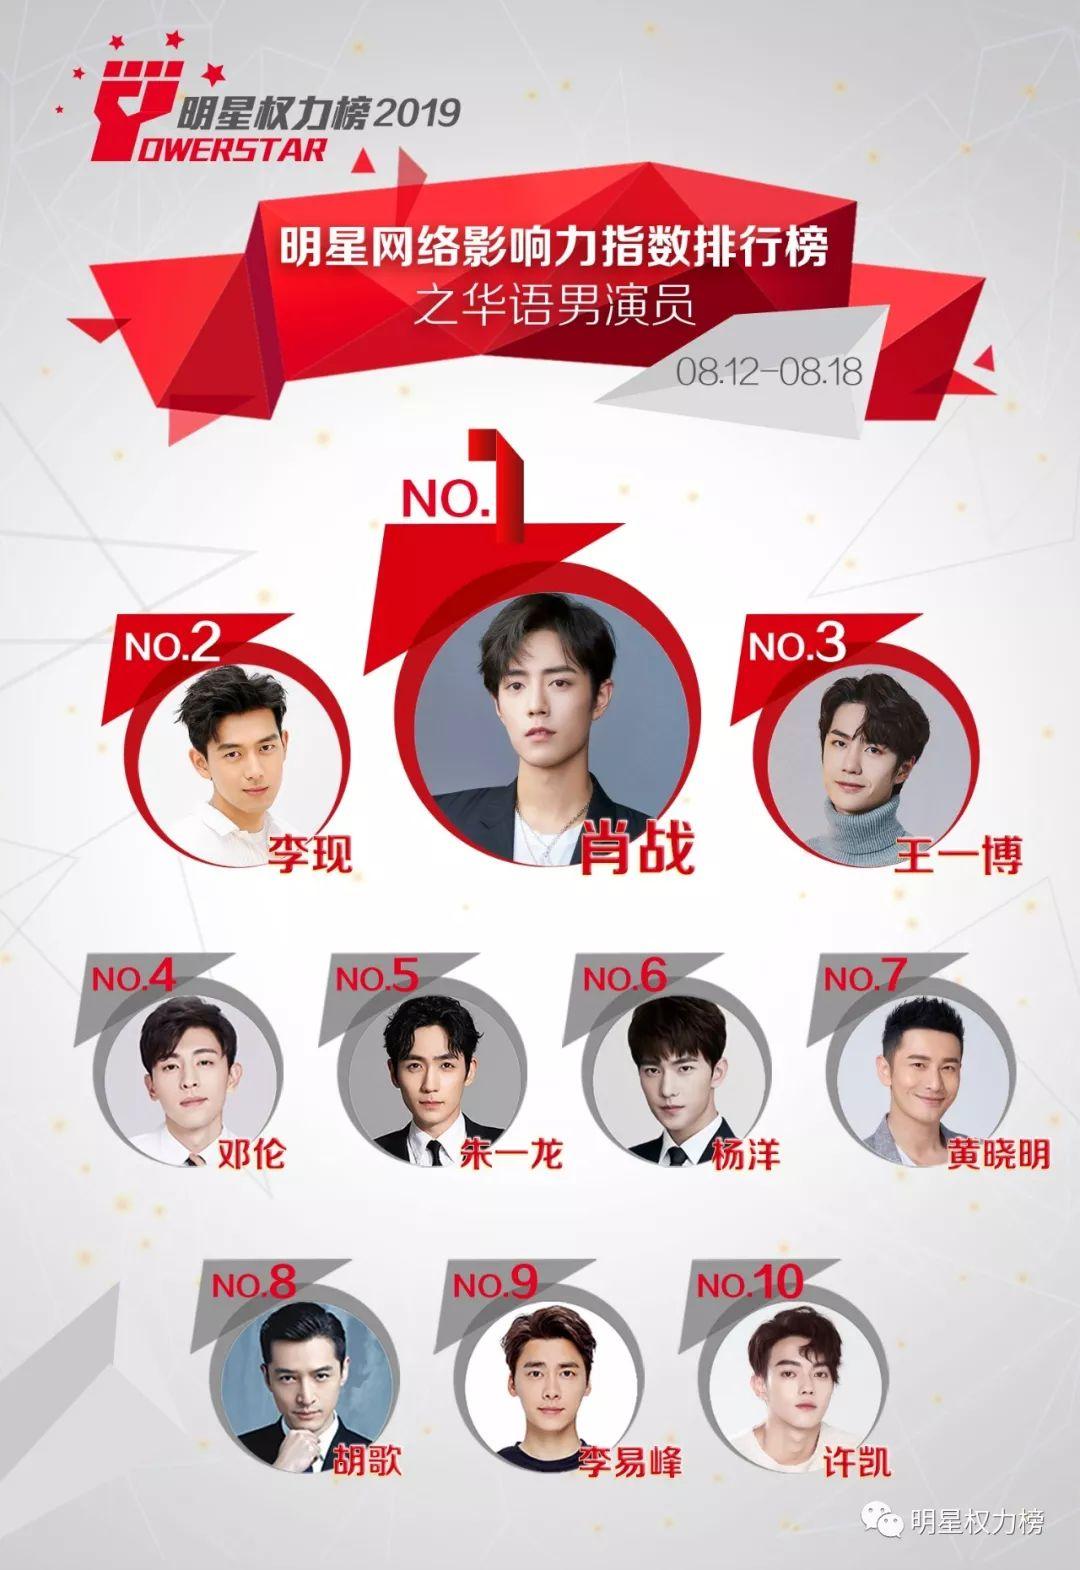 明星网络影响力指数排行榜第213期榜单之华语男演员Top10